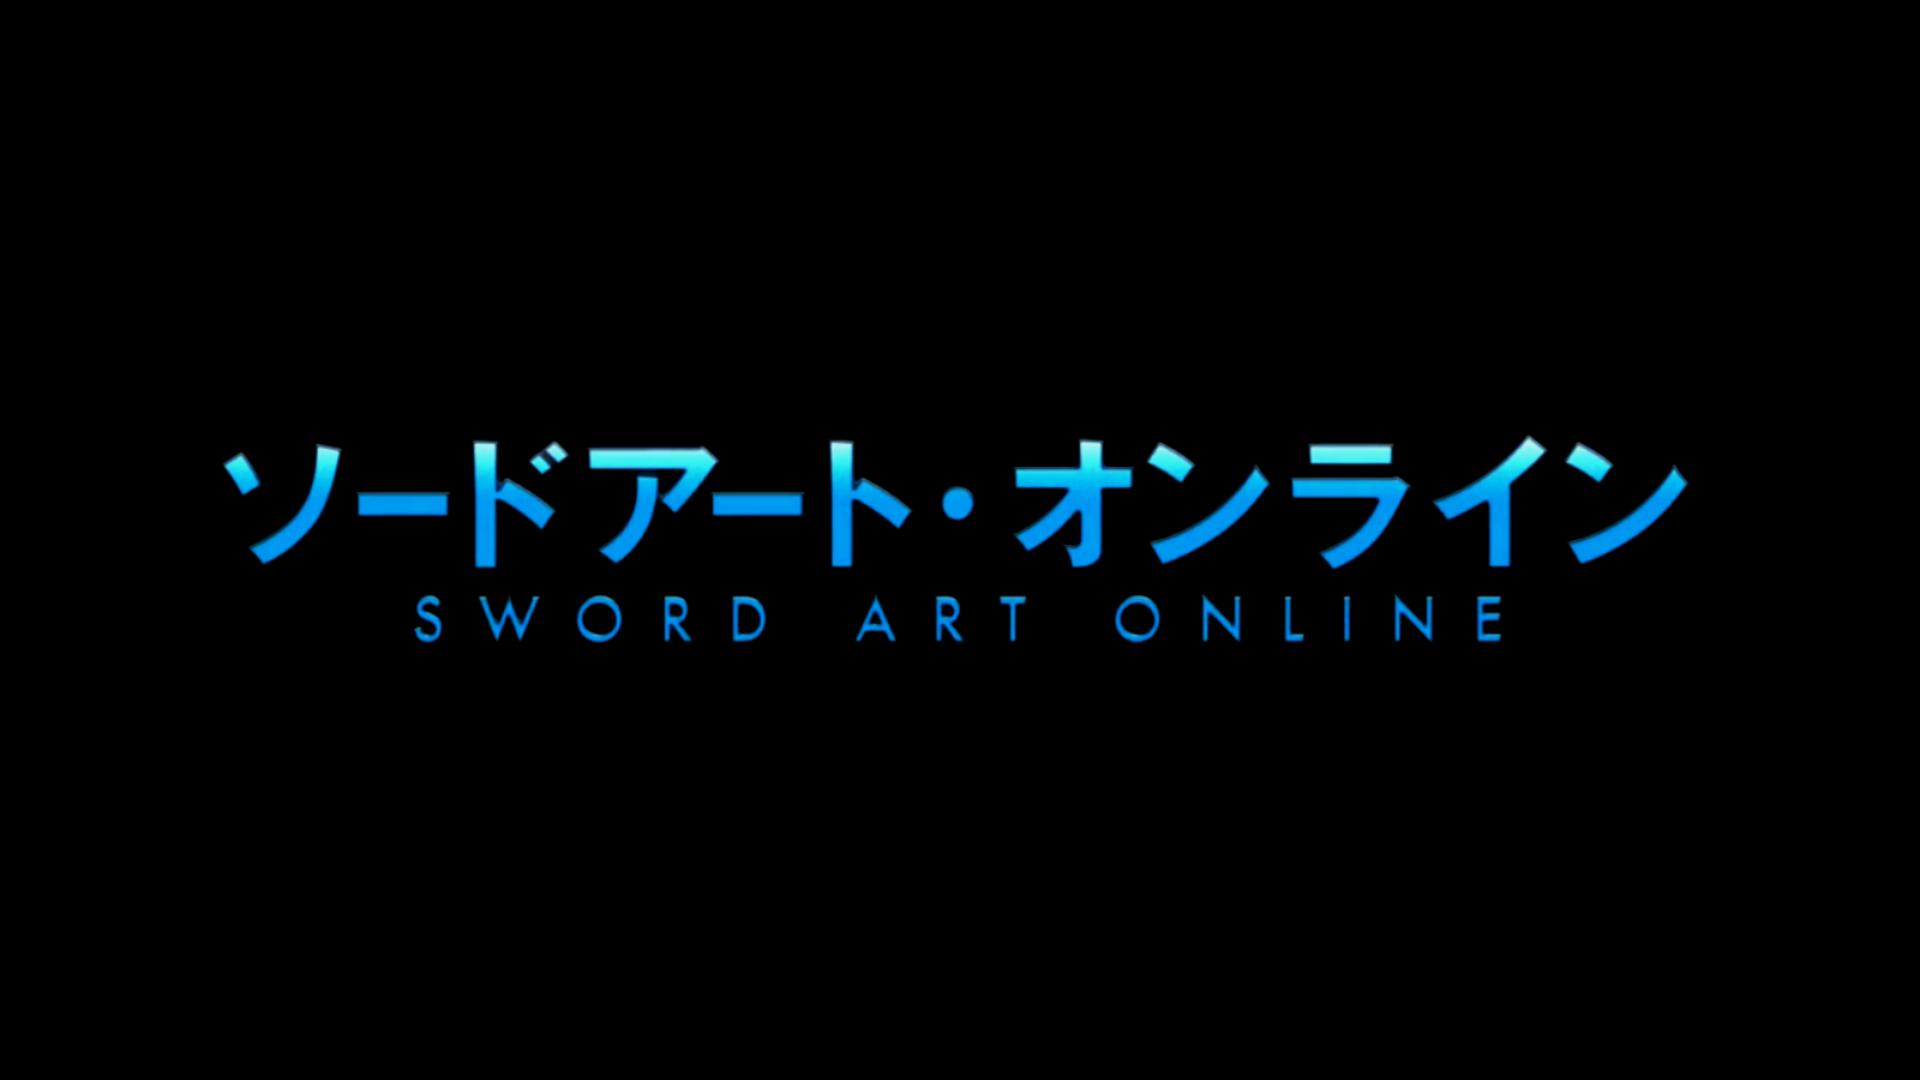 wallpapers of Sword Art Online You are downloading Sword Art Online 1920x1080